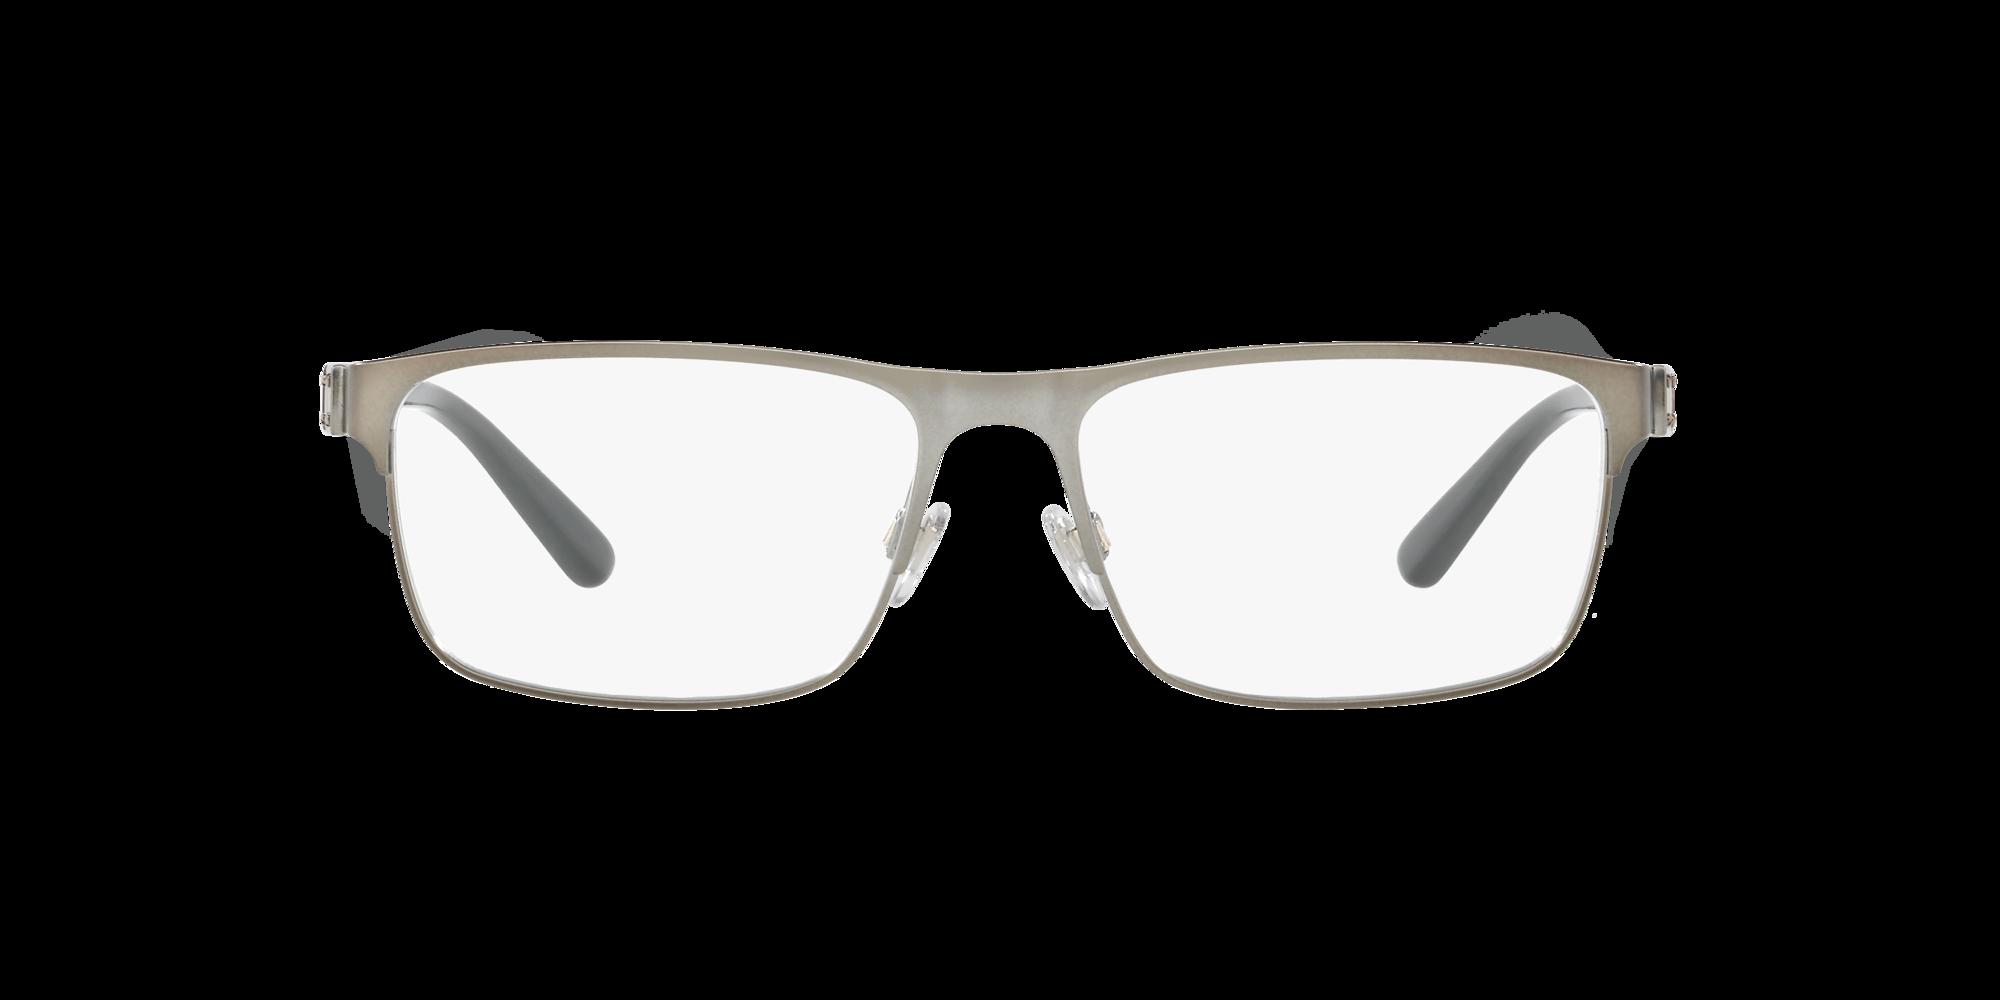 Imagen para RL5095 de LensCrafters |  Espejuelos, espejuelos graduados en línea, gafas